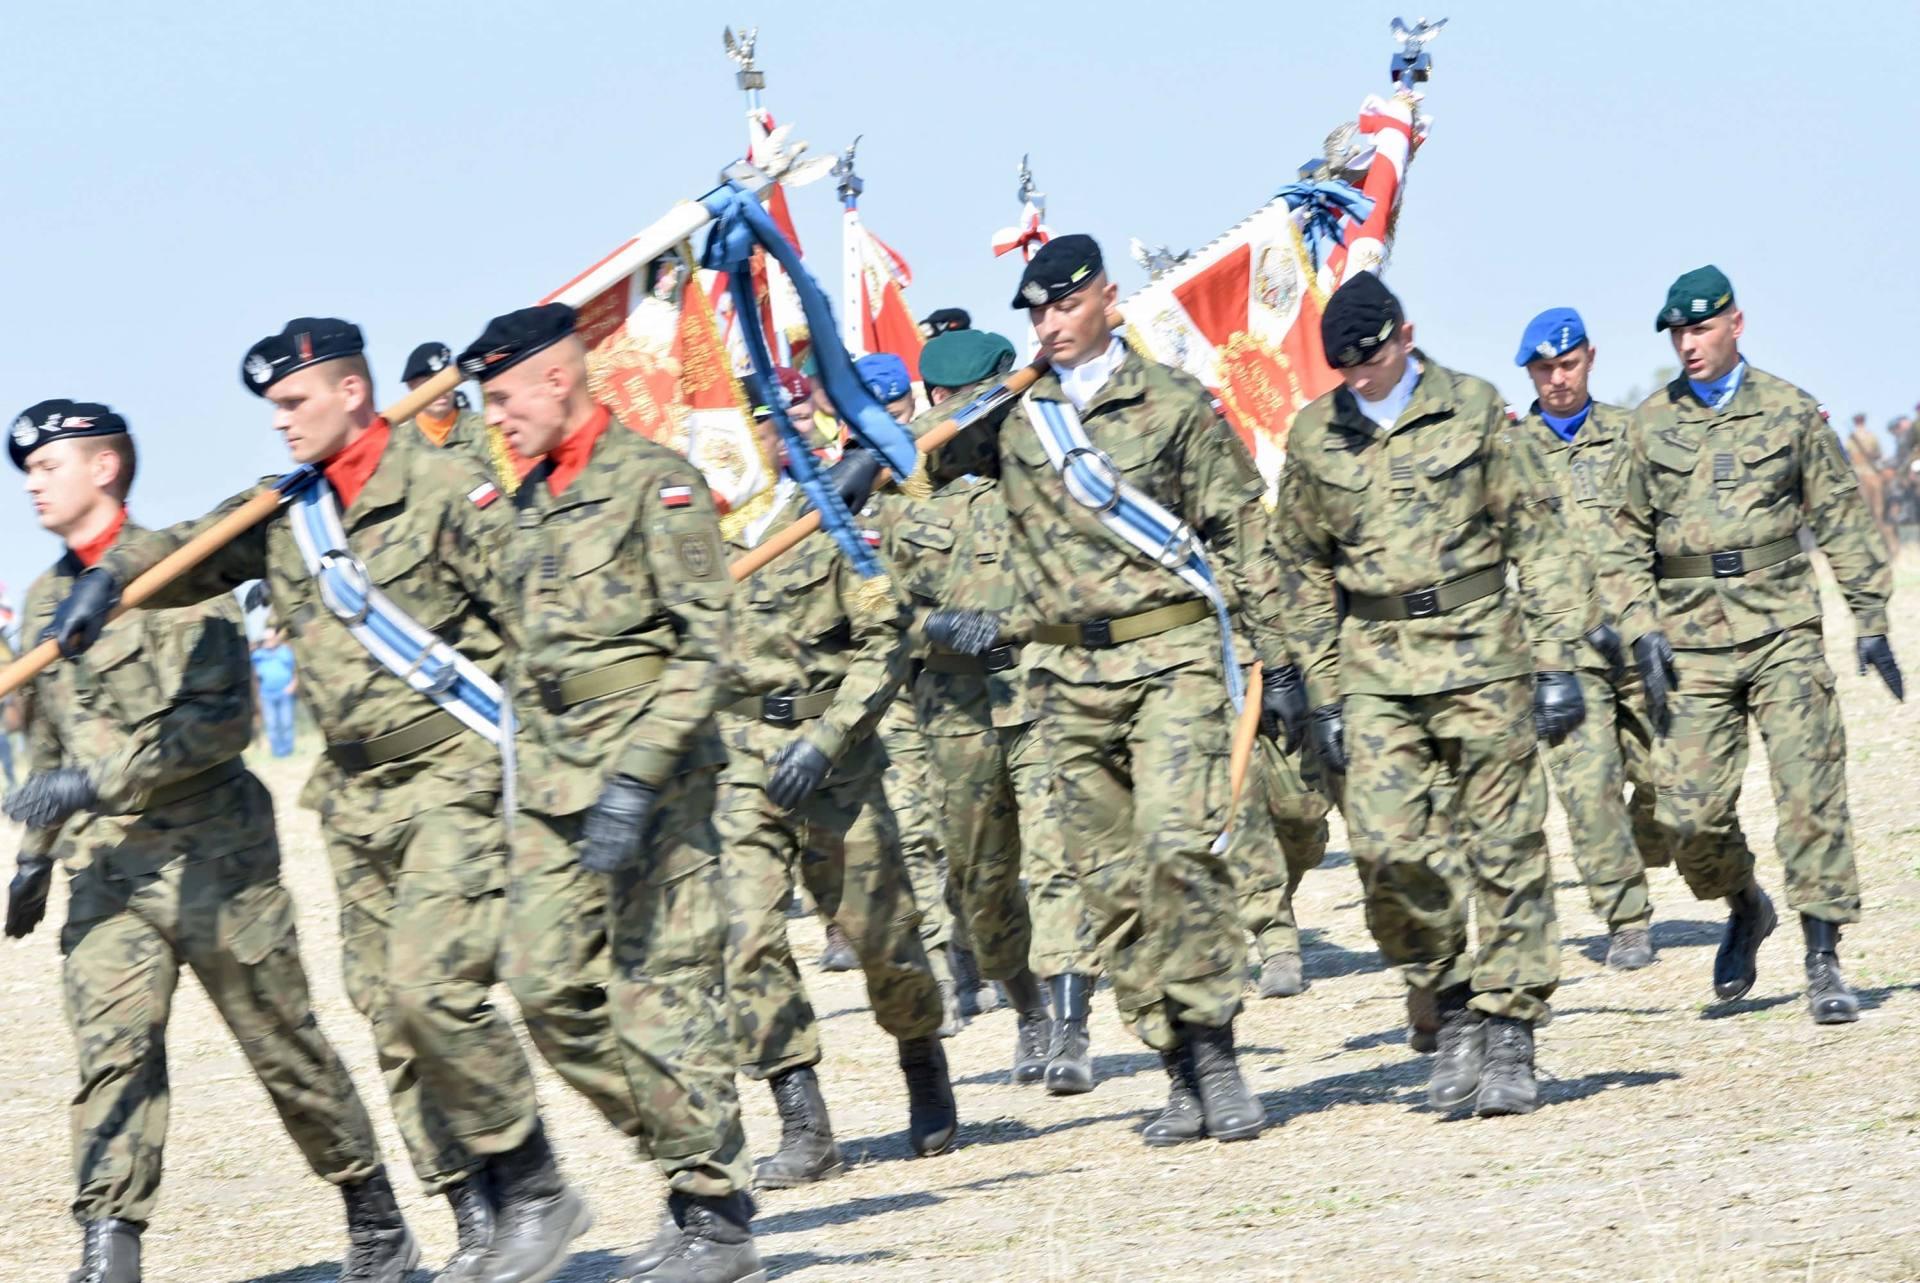 dsc 0582 Czas szabli - 100 rocznica bitwy pod Komarowem(zdjęcia)